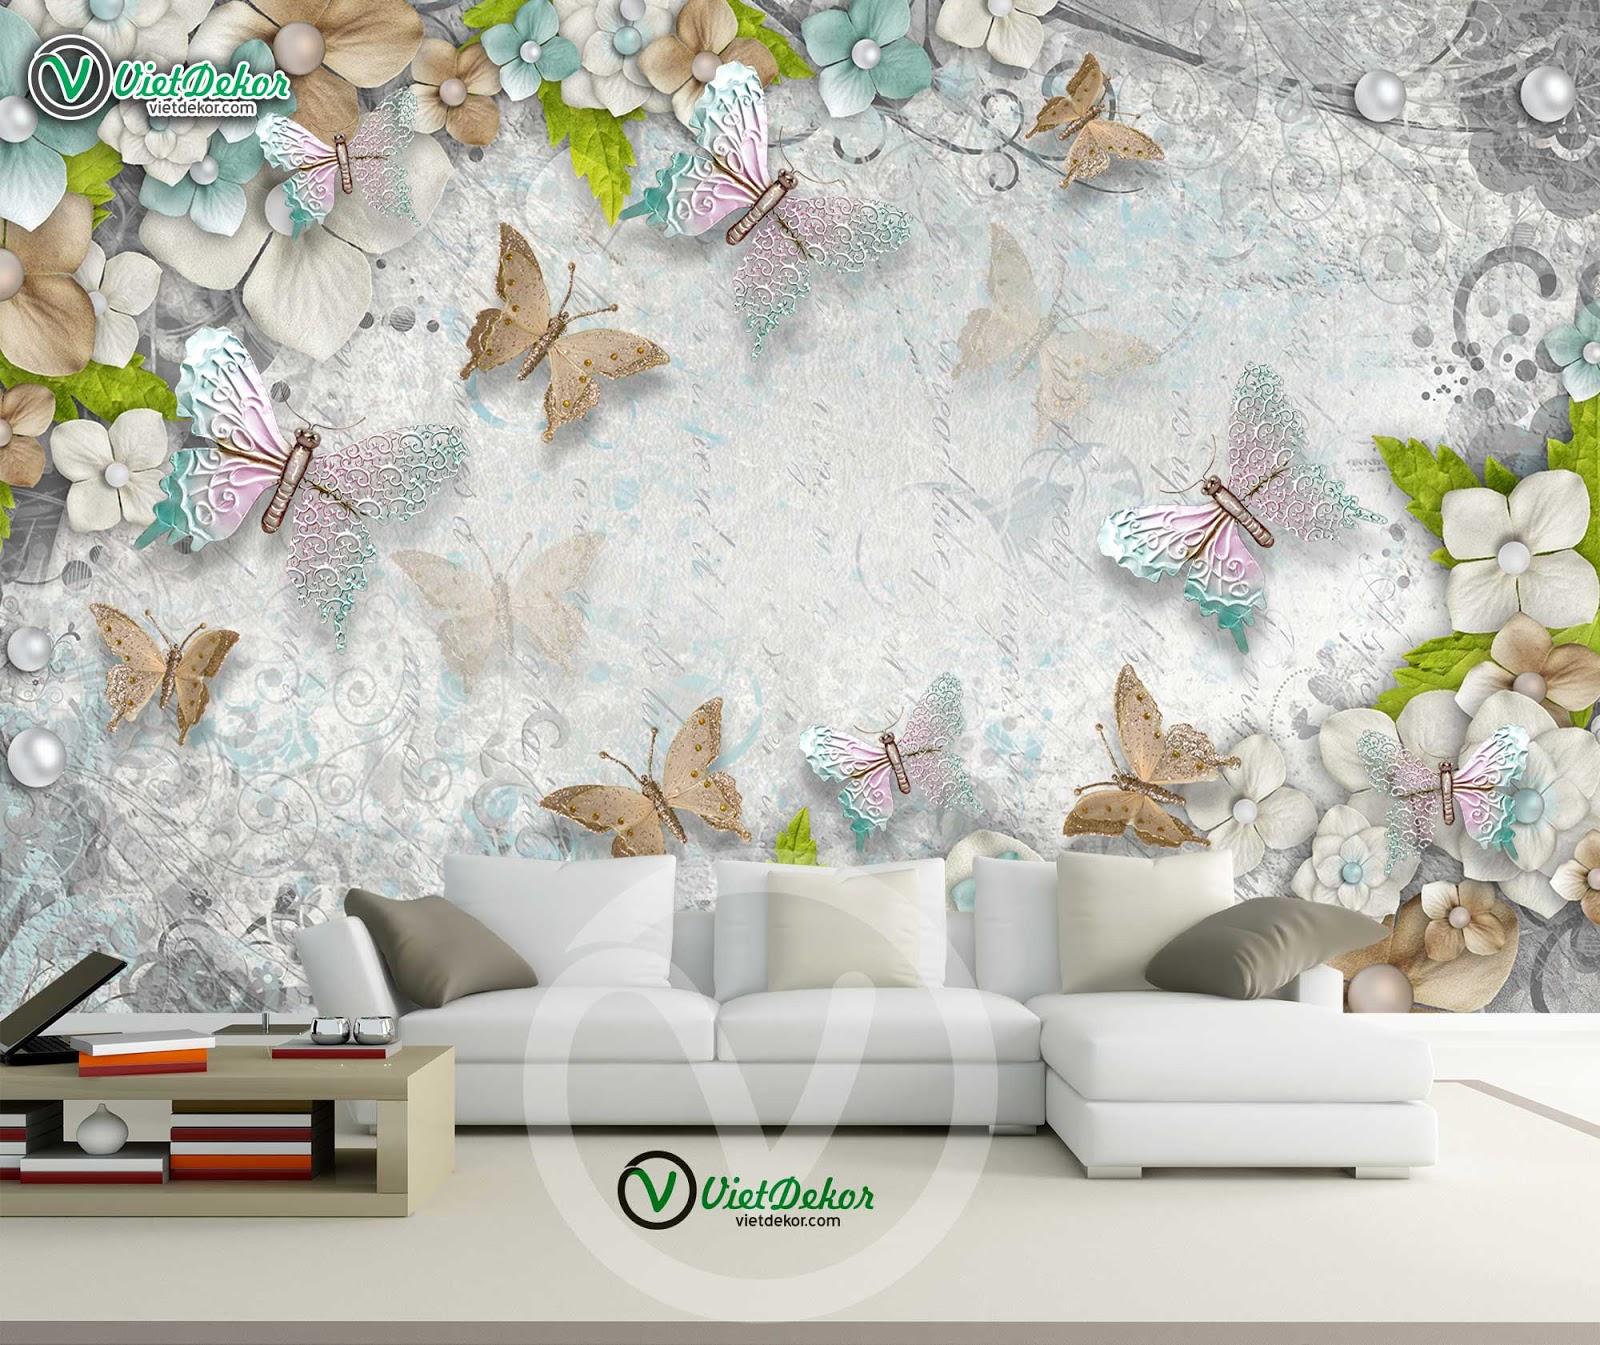 Tranh dán tường hoa bướm 3D đẹp